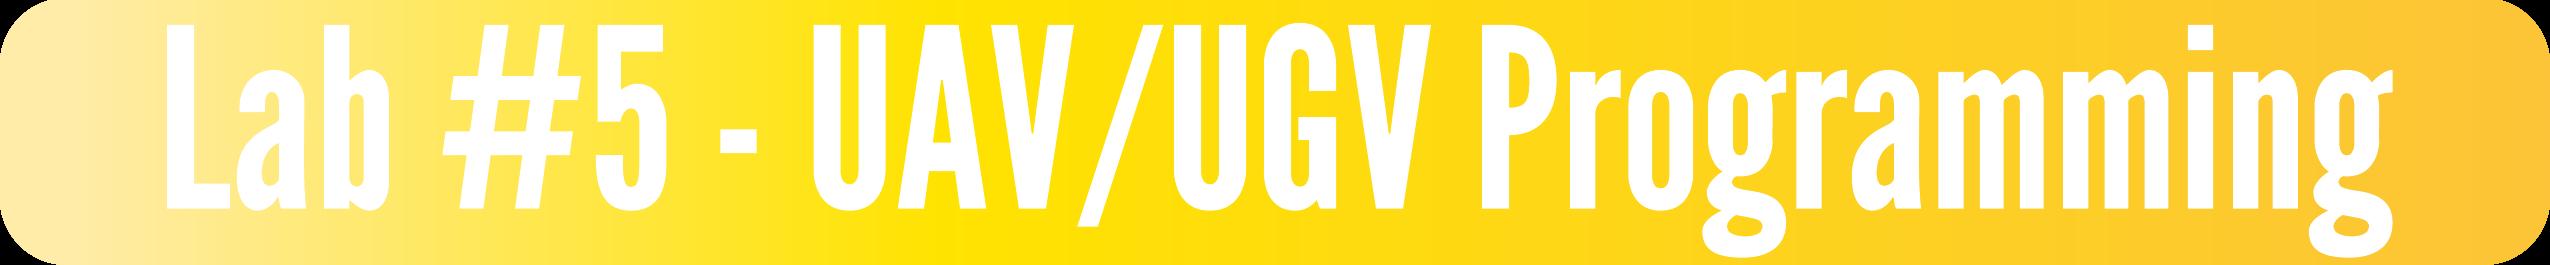 Lab #5 - UAV/UGV Programming